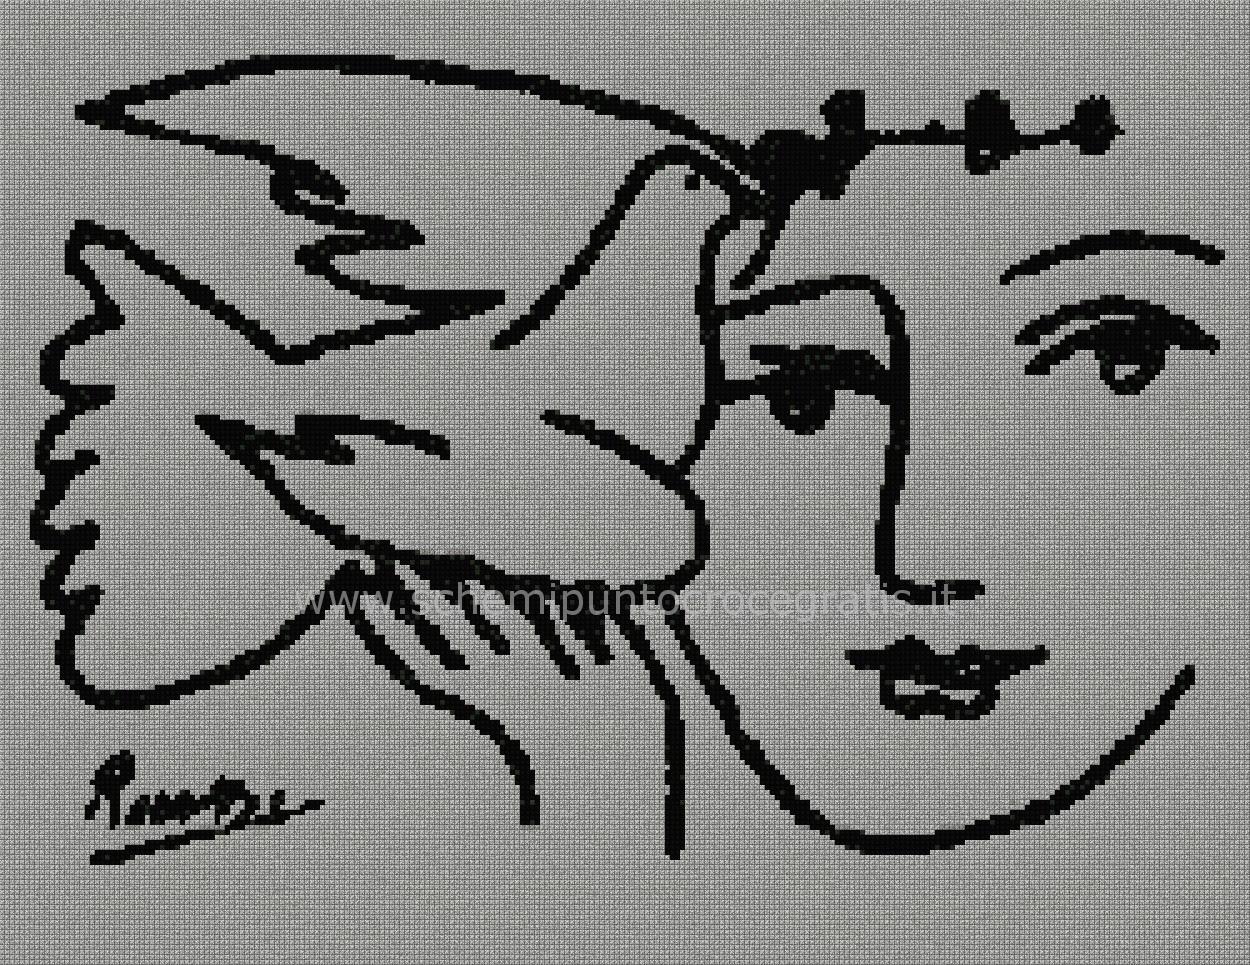 pittori_moderni/picasso/Picasso43.jpg